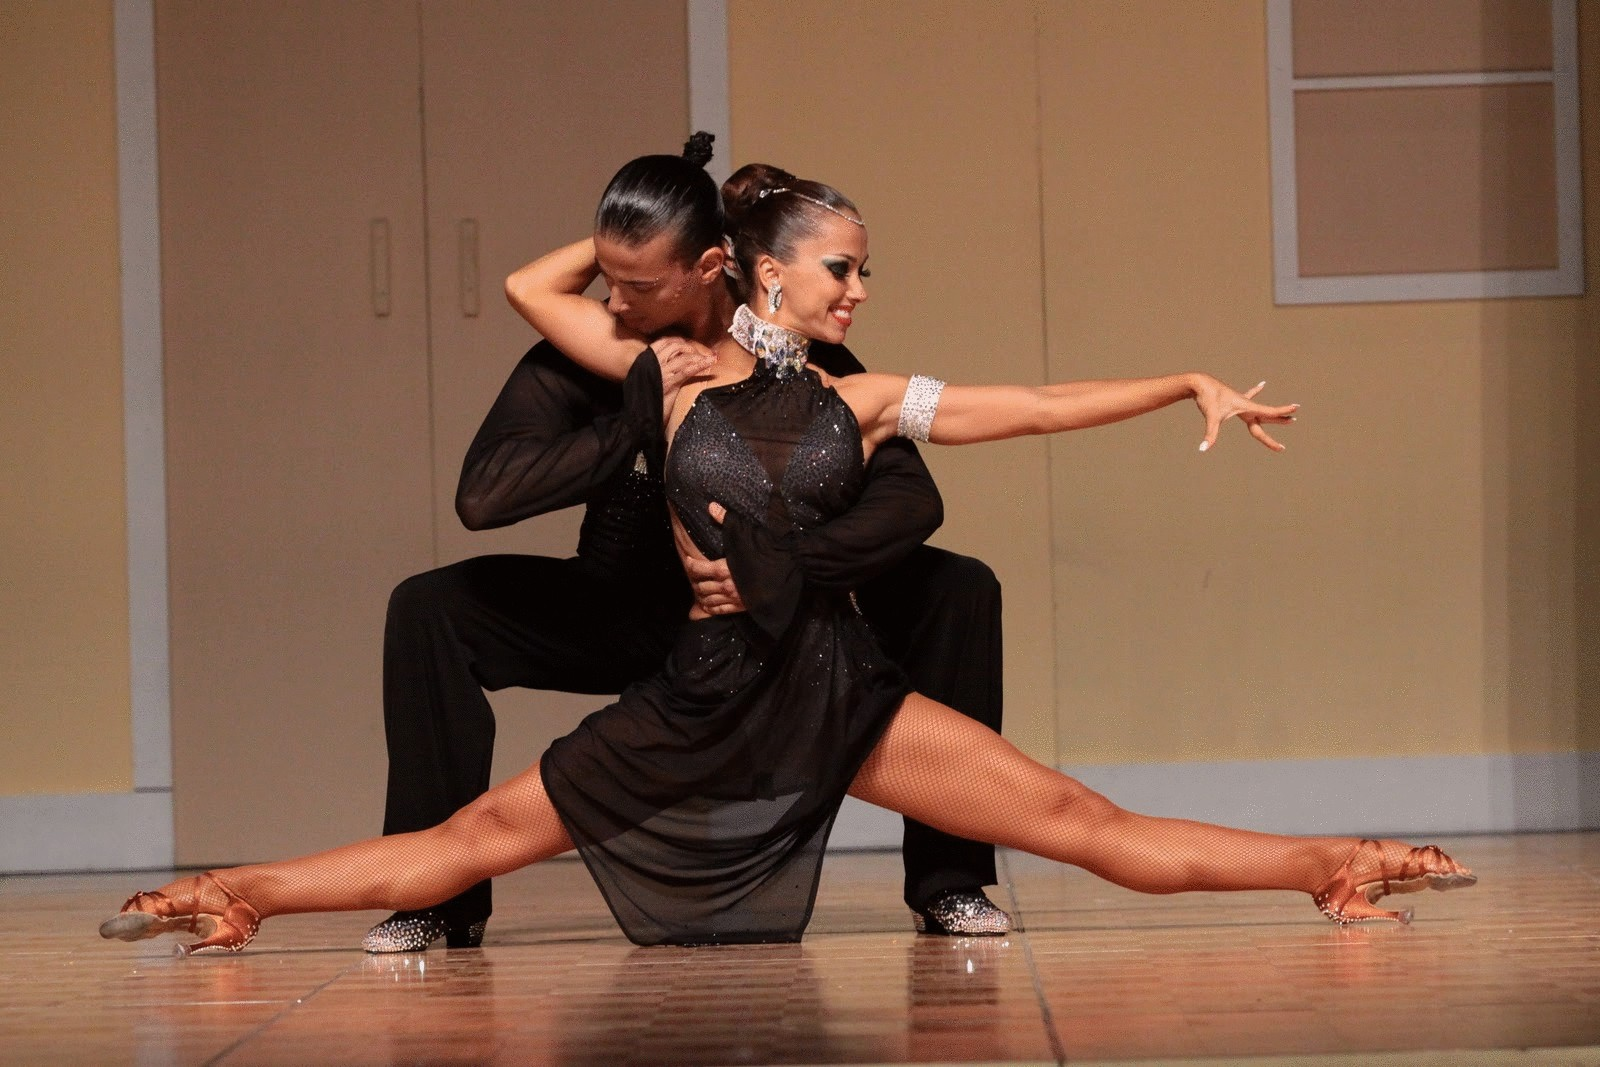 Мужиков танцы для взрослых женщины видео жесткого